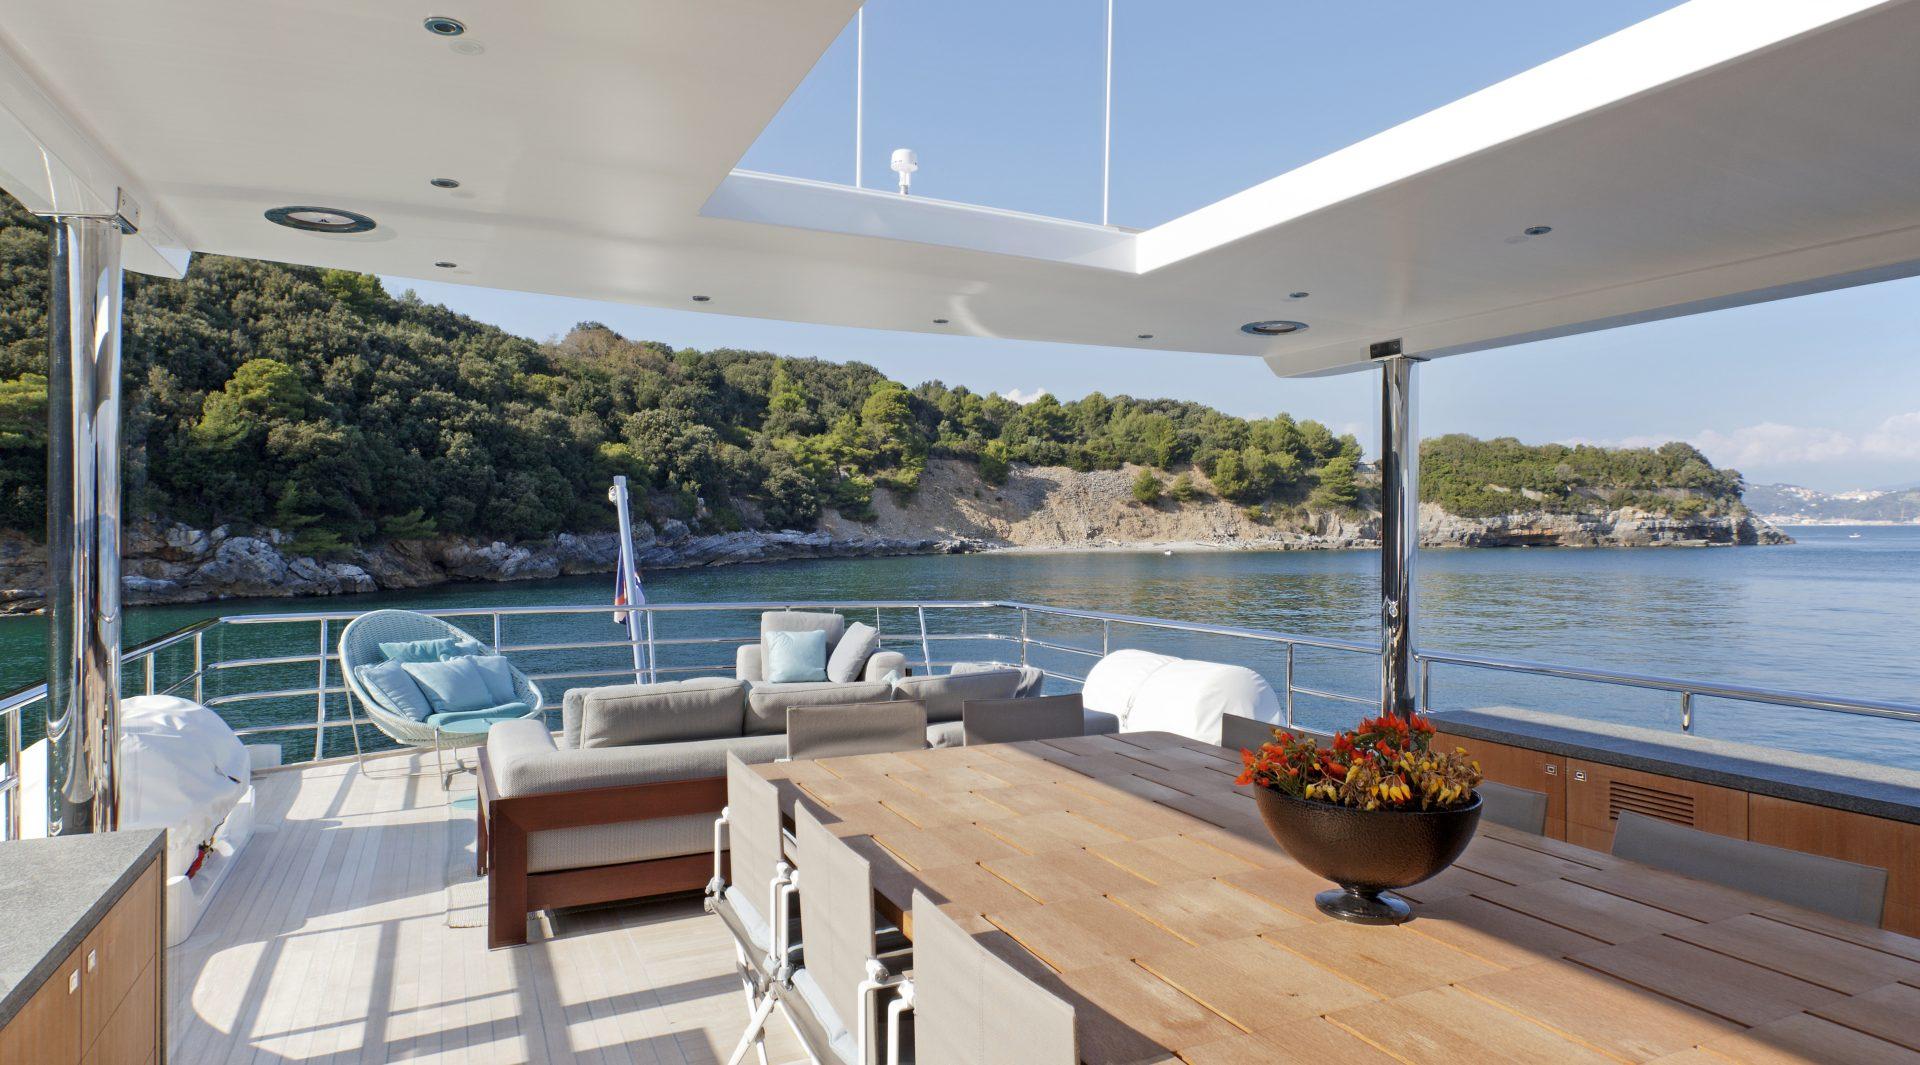 Alpha Custom Yachts